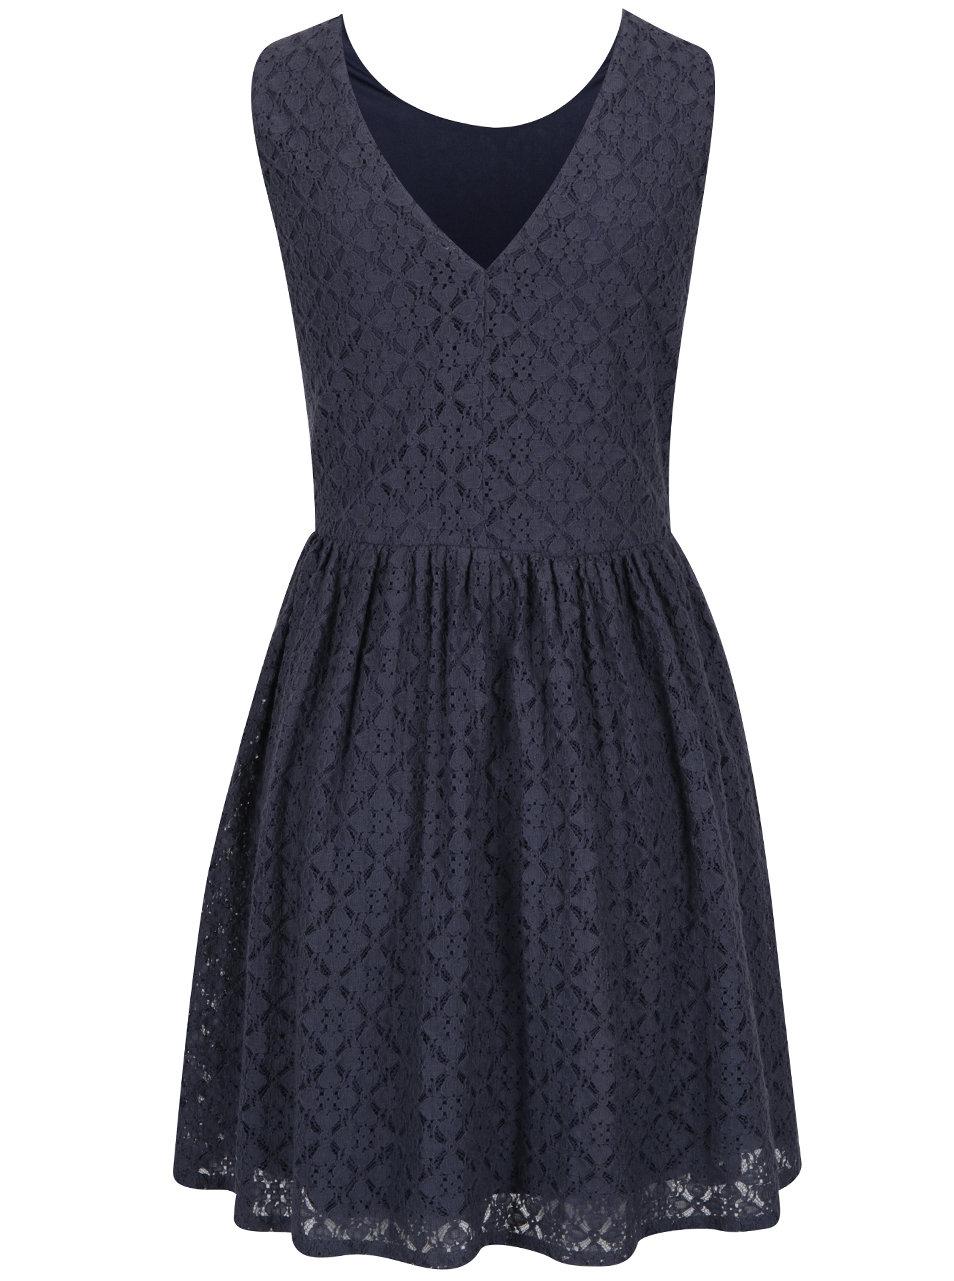 4c91ecf3b052 Modré čipkované šaty VERO MODA Arona ...